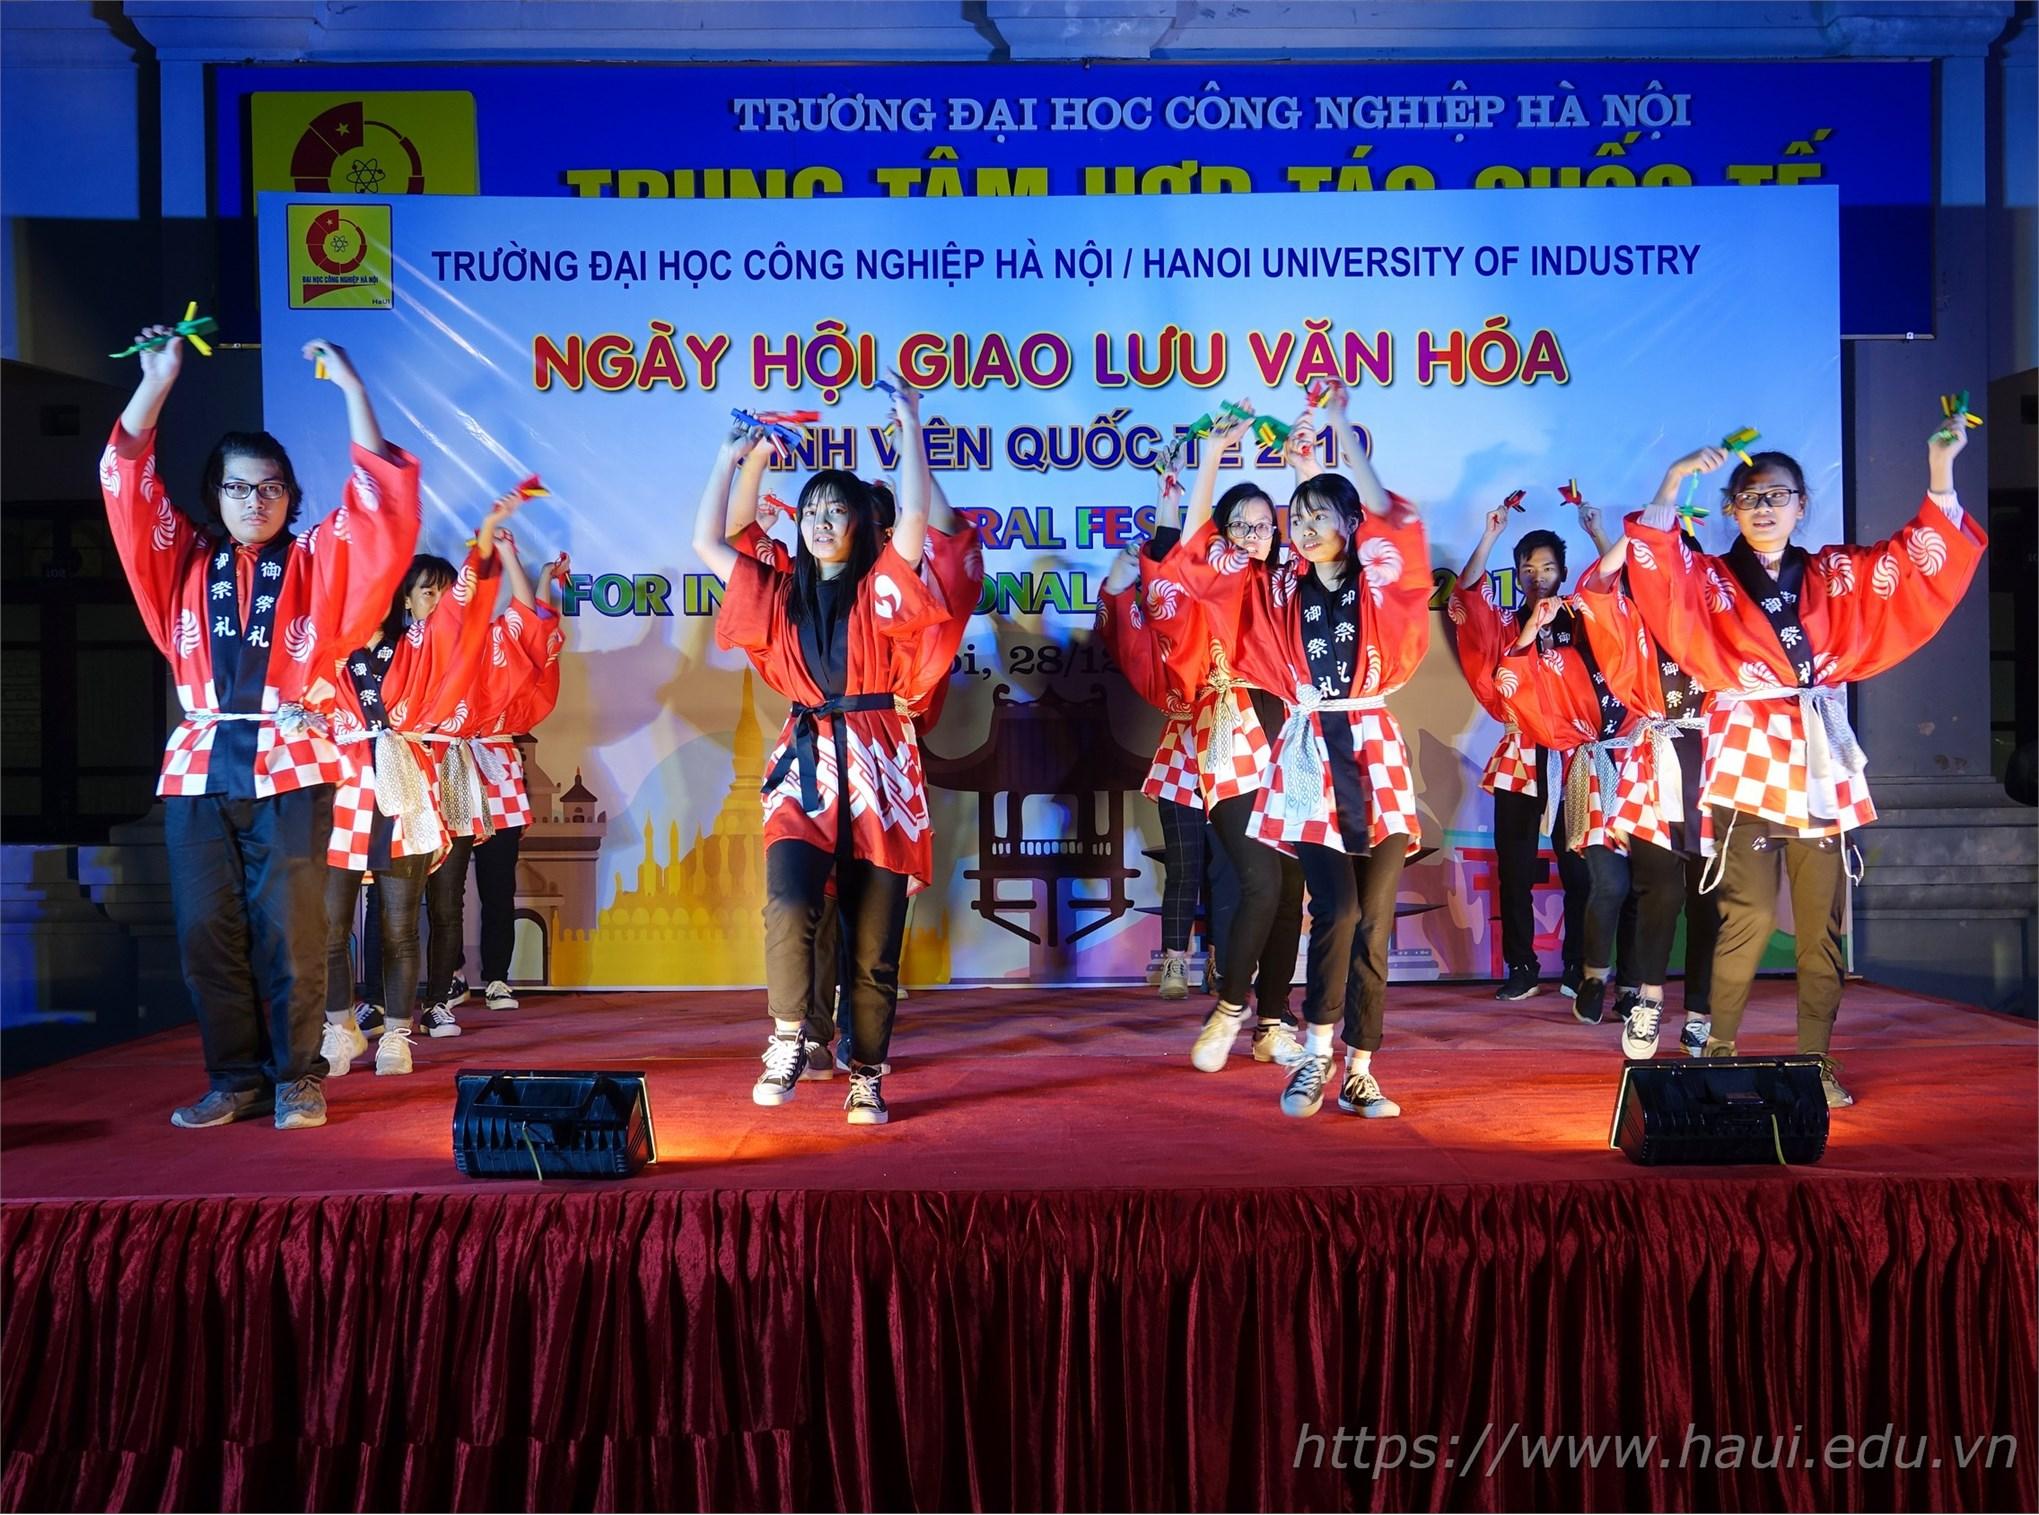 Ấn tượng tại Ngày hội giao lưu văn hóa sinh viên quốc tế 2019 tại Đại học Công nghiệp Hà Nội